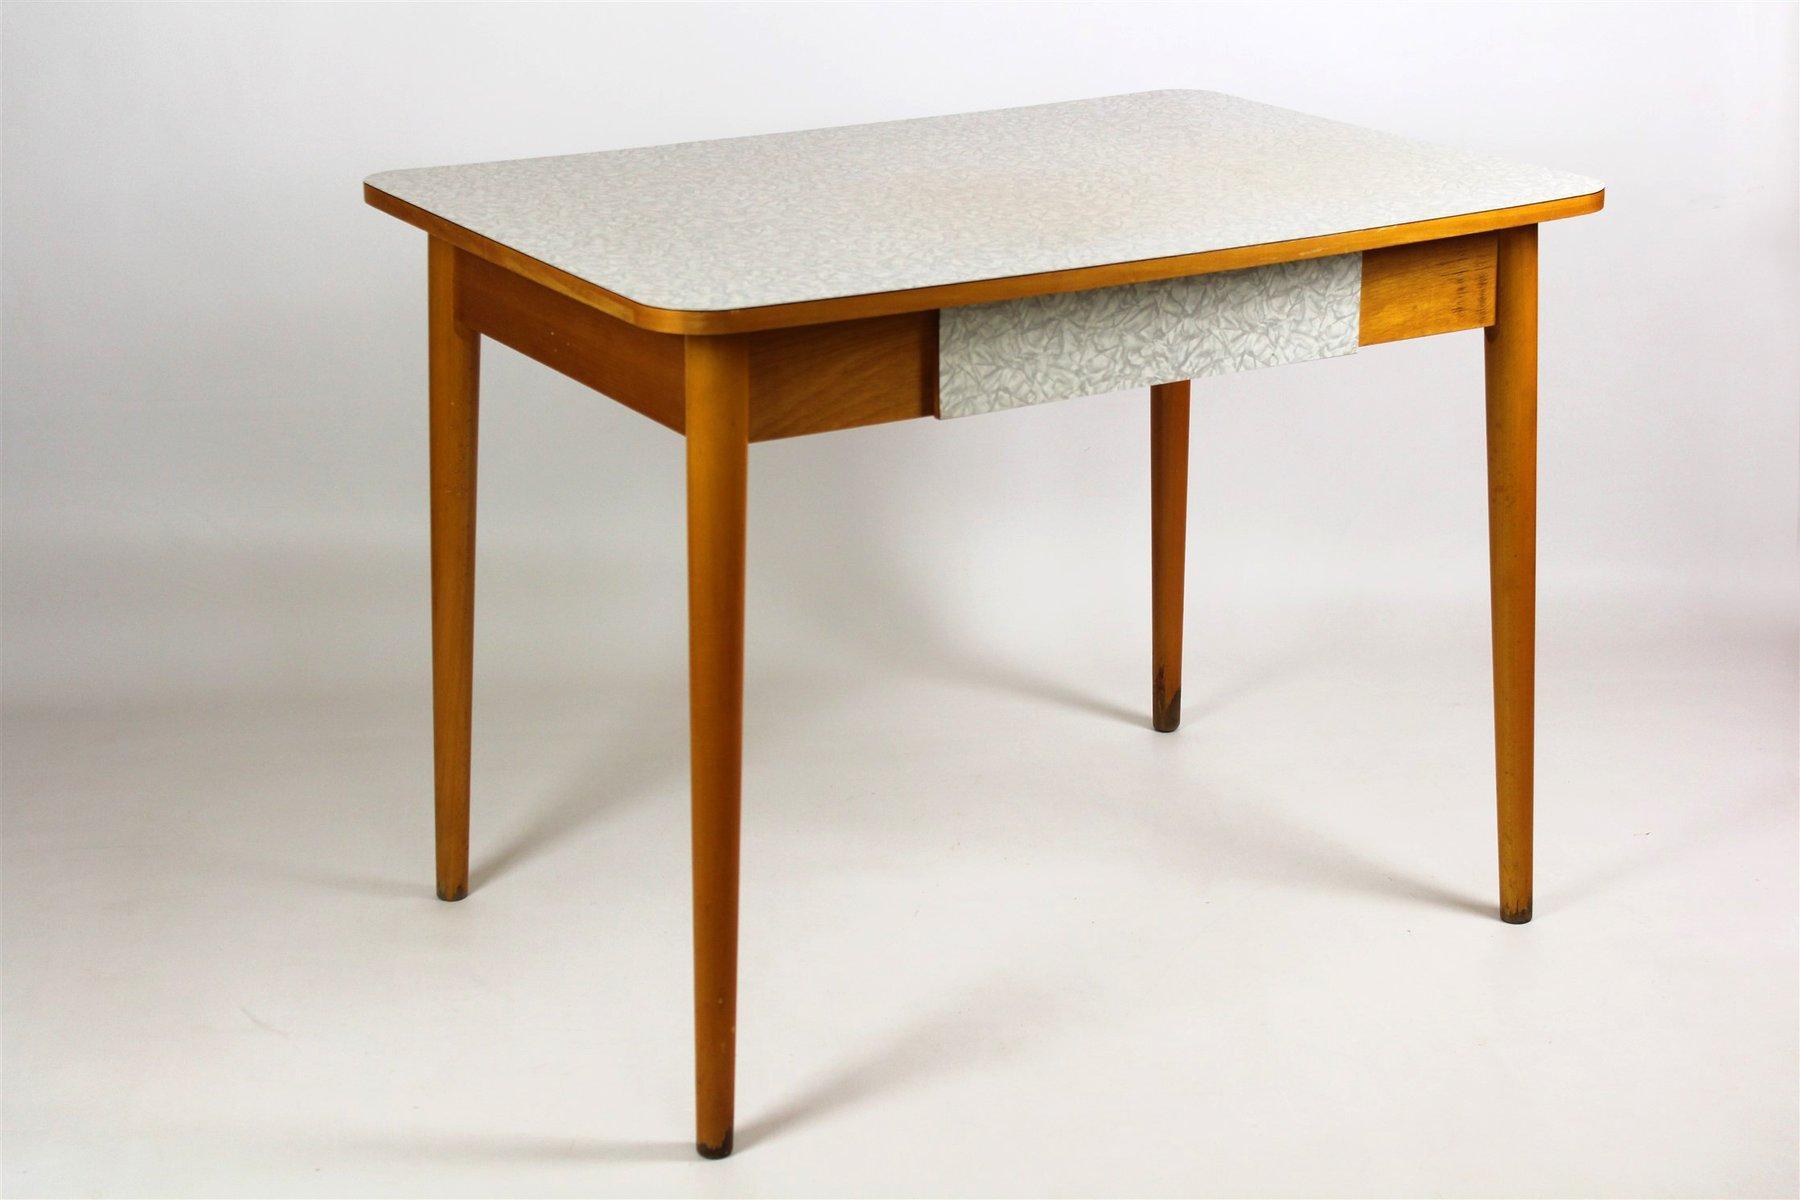 Tavolo da cucina in legno di formica di jitona anni 39 60 for Tavolo cucina anni 60